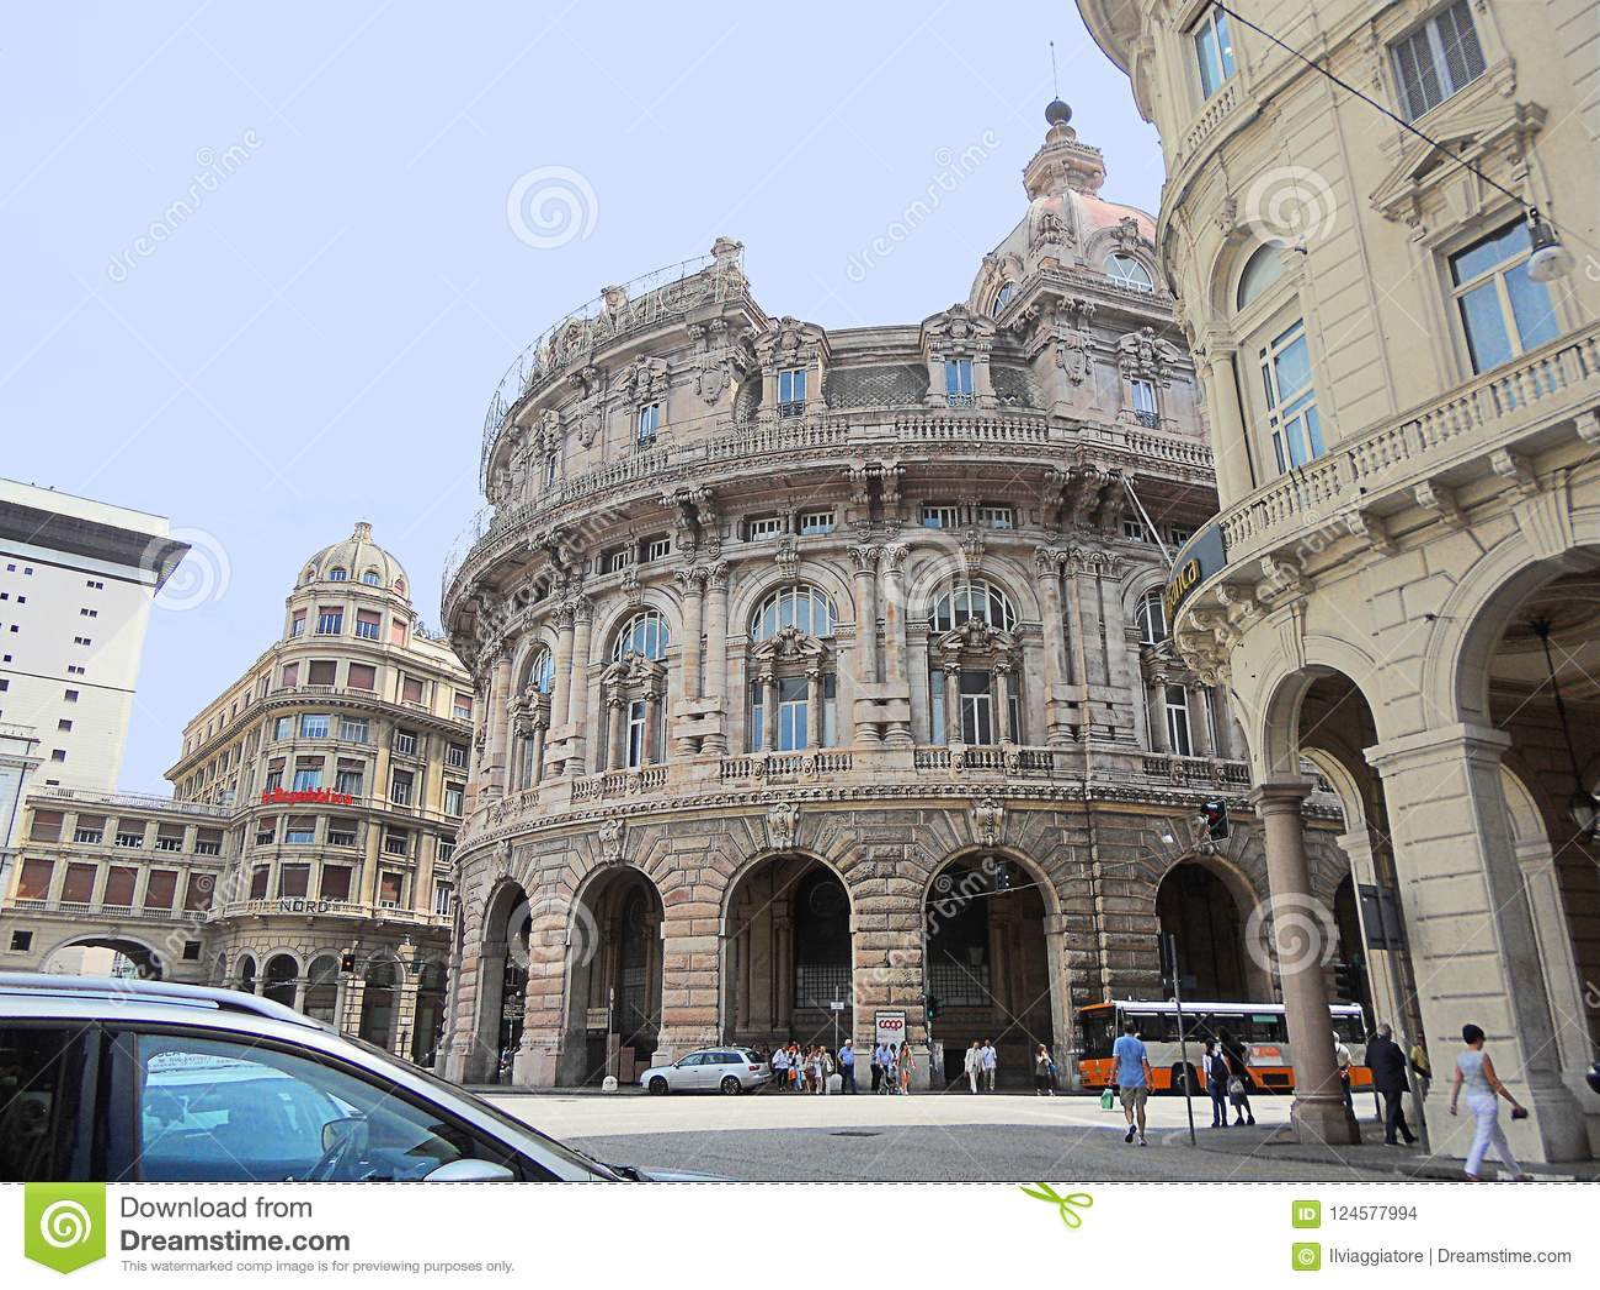 Genoa, Liguria, Italy, Stock Exchange Building, From Below ...